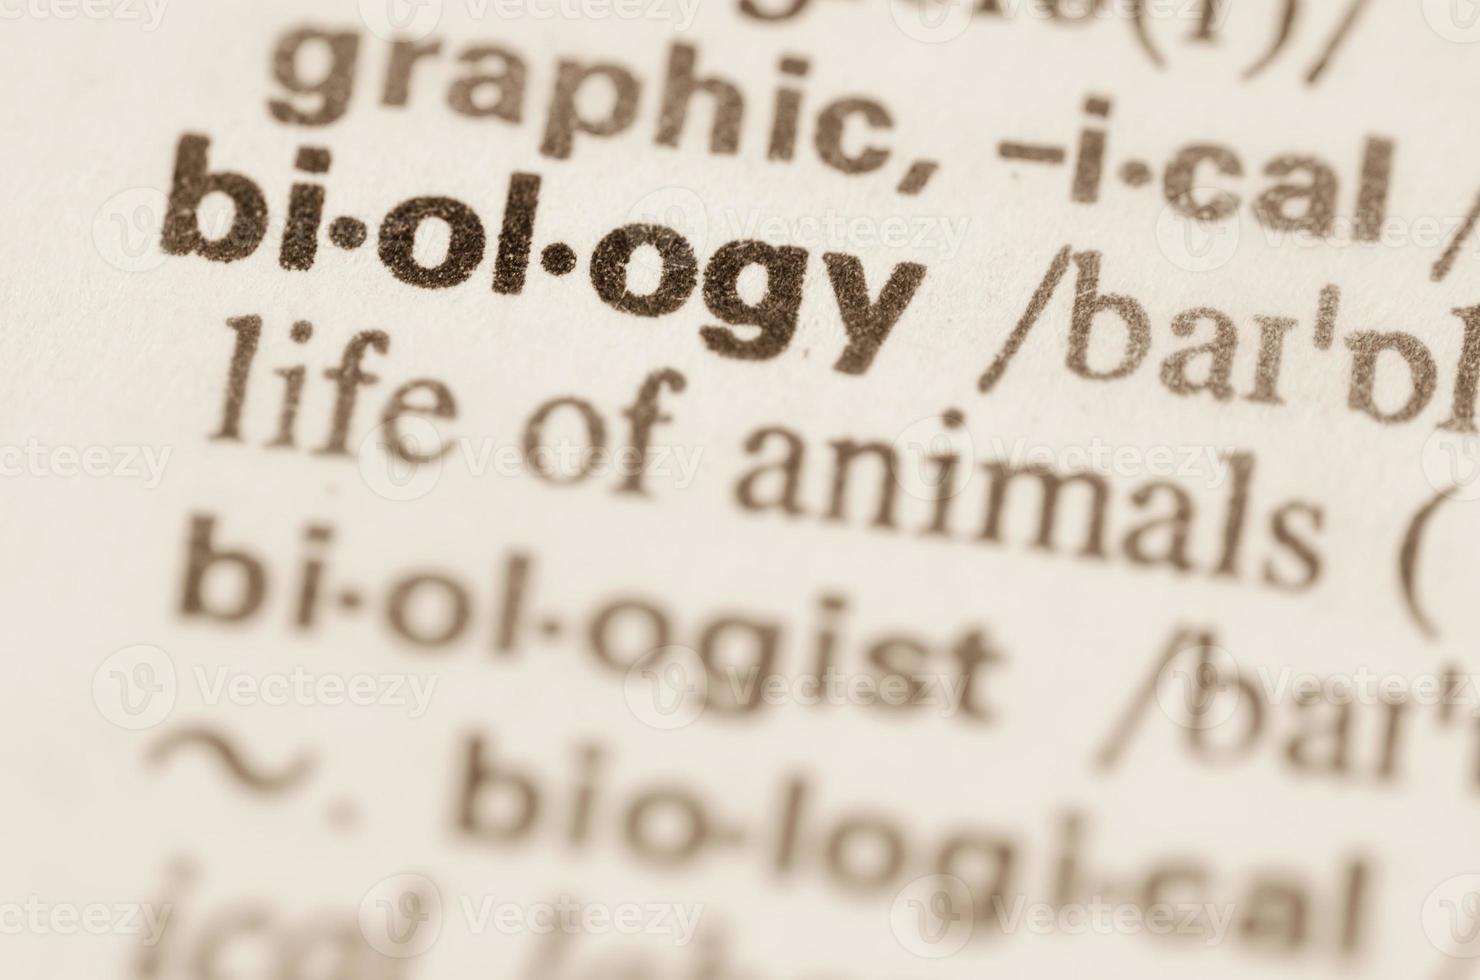 definição de dicionário de biologia da palavra foto